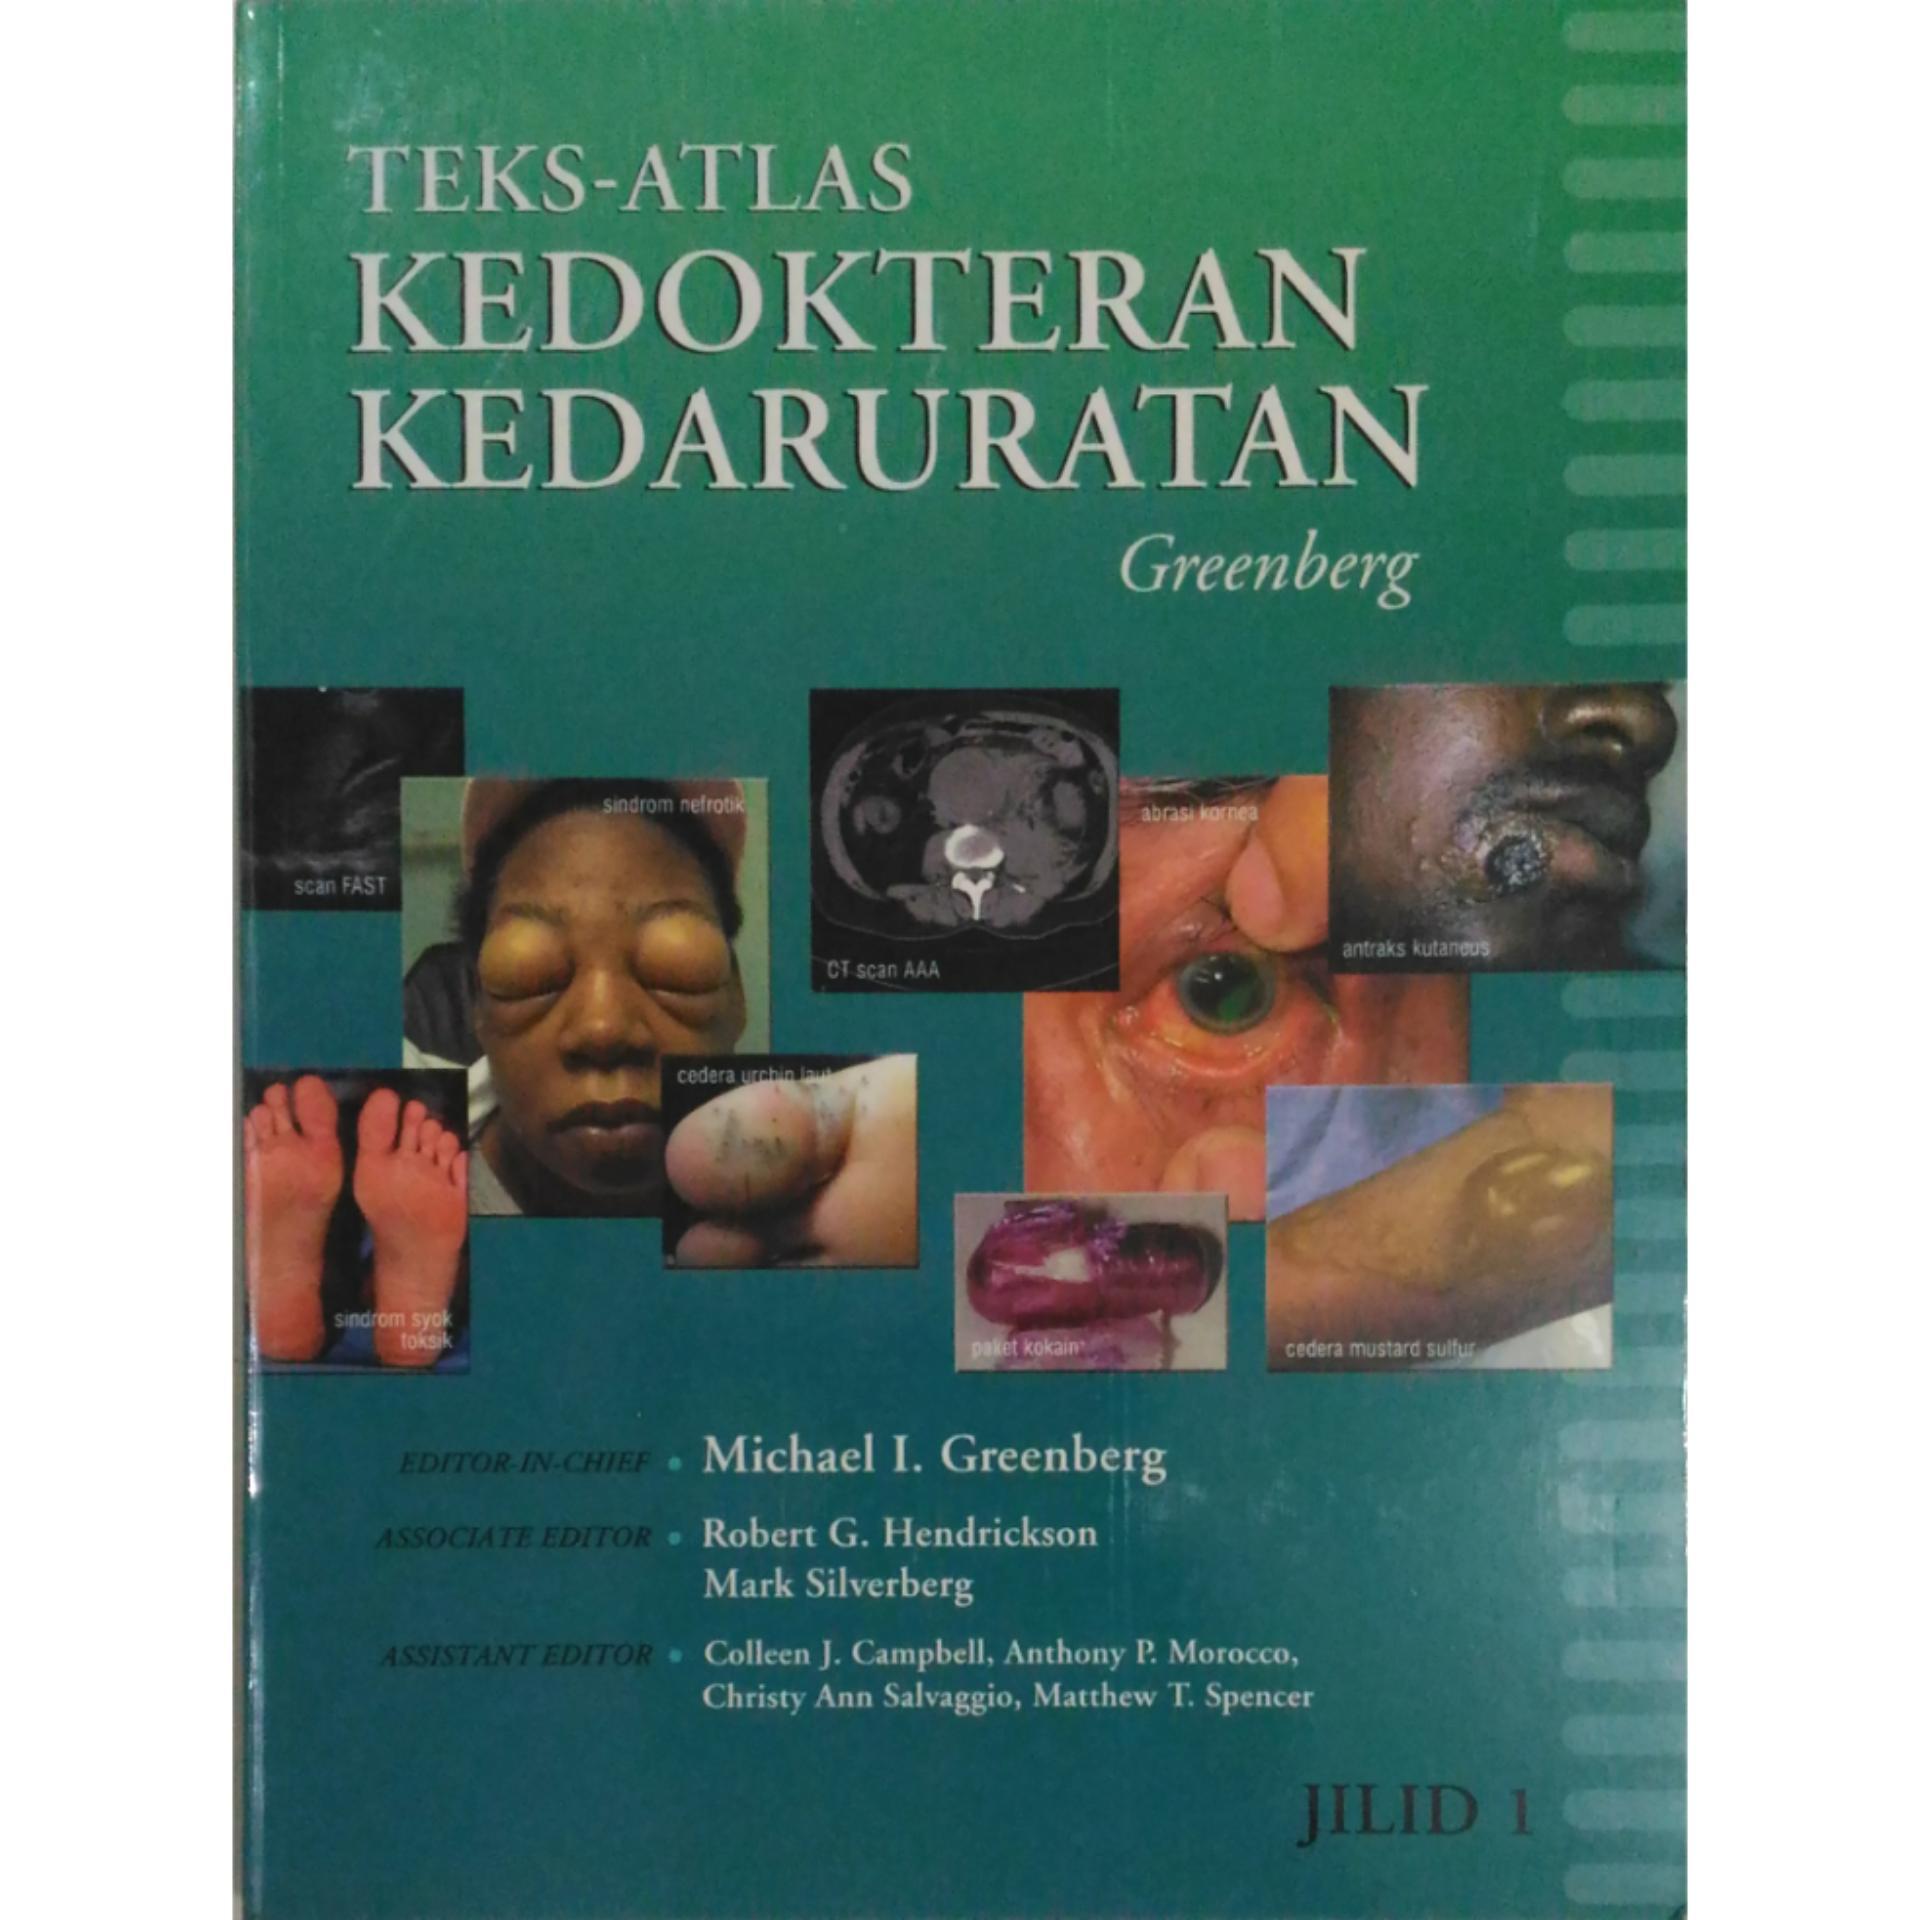 Erlangga Teks-Atlas Kedokteran Kedaruratan Jl. 1 Greenberg